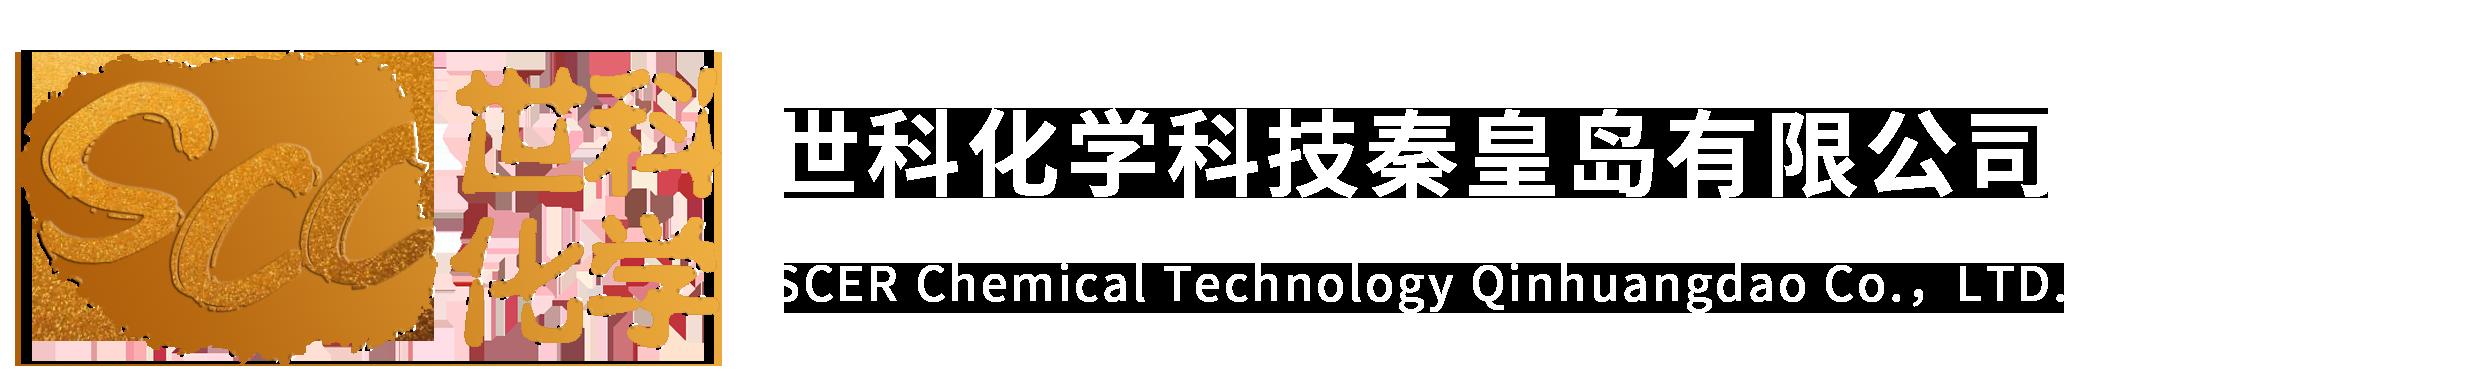 英超直播在线化学科技秦皇岛有限公司